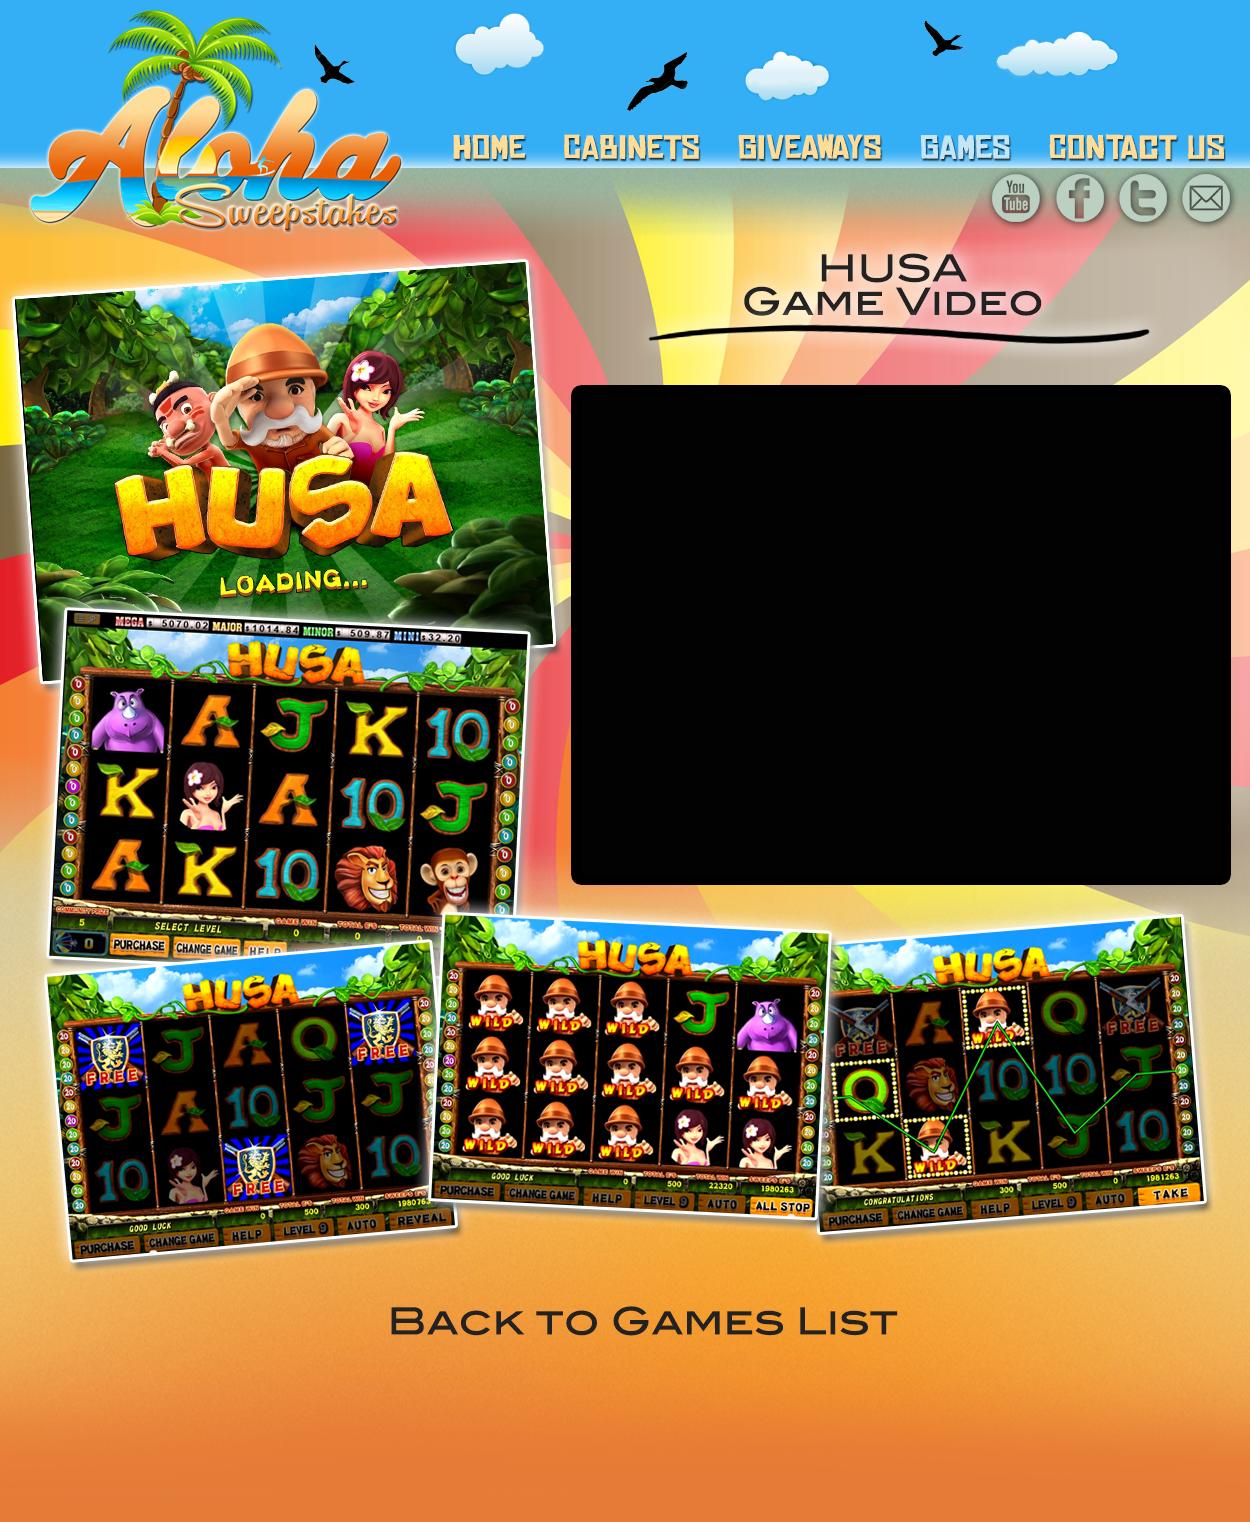 Aloha Sweepstakes Games Videos - HUSA